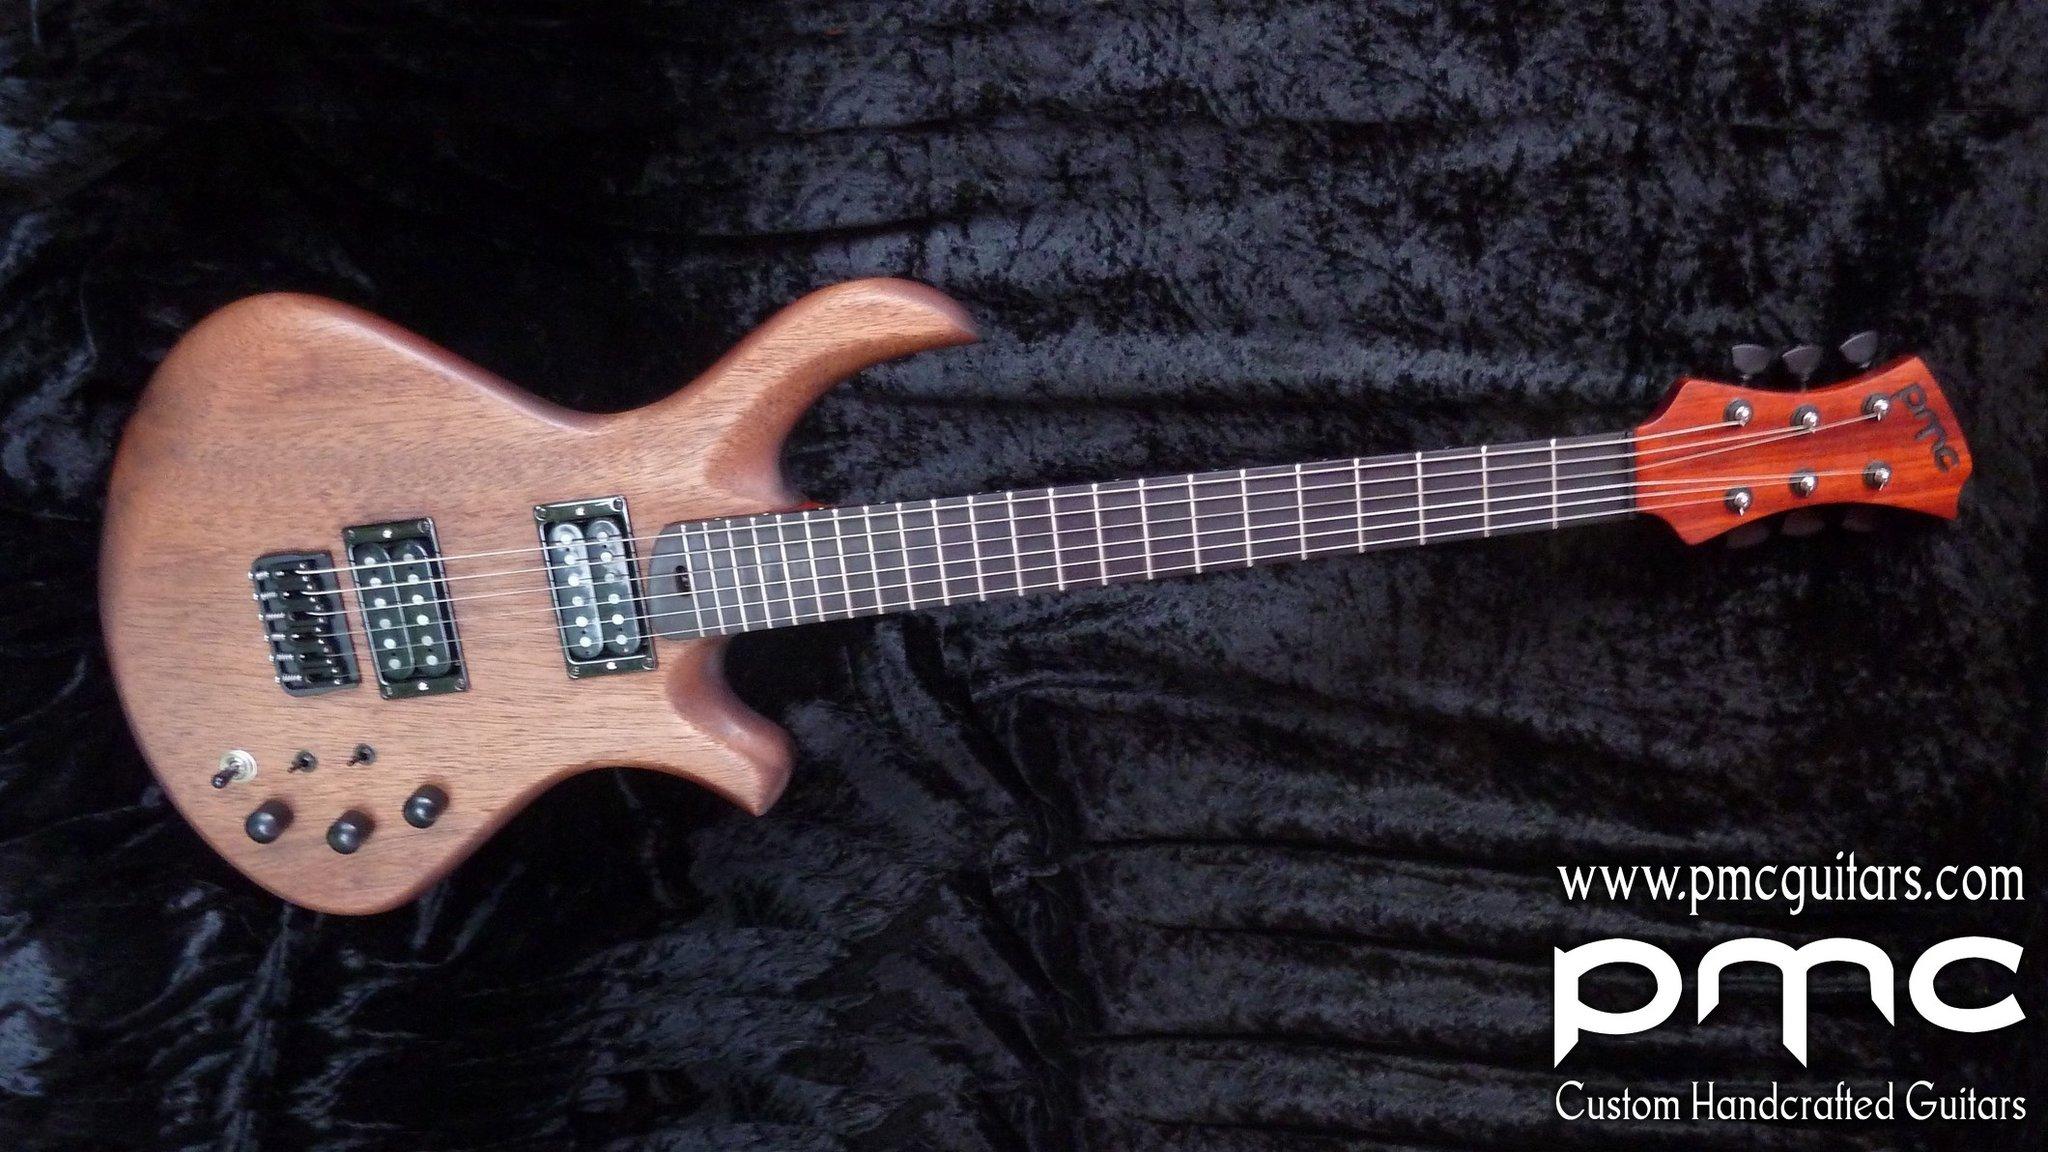 [LUTHIER] PMC Guitares - Guitares de luthier : Salon de Montrouge du 27 au 29 mars Full